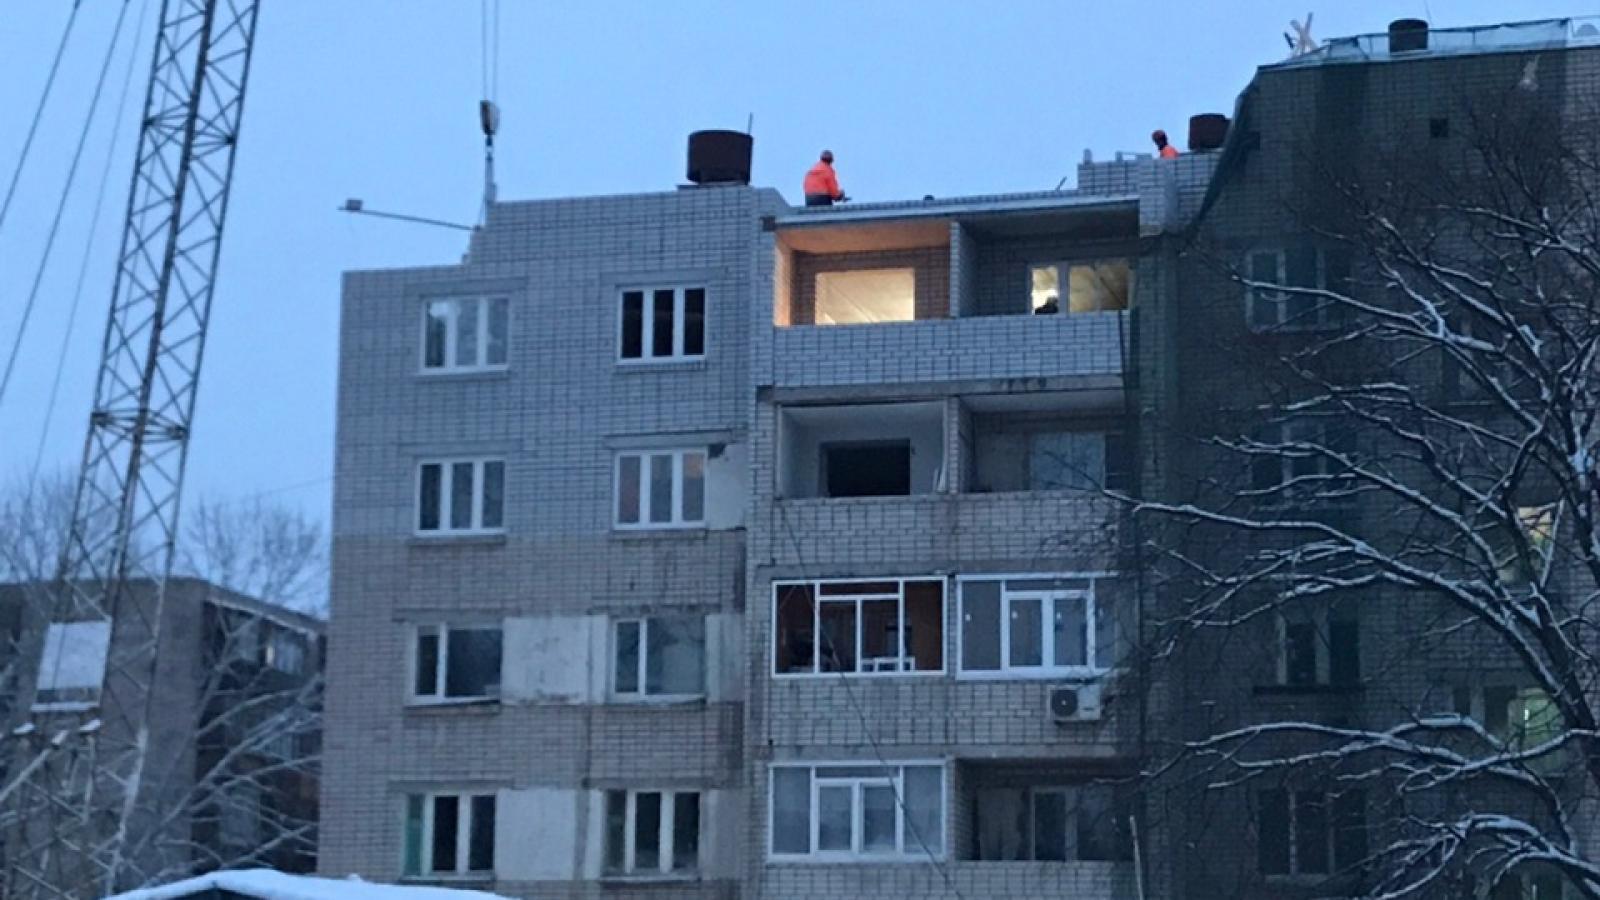 Последствия взрыва газа: 3 семьи пока не могут вернутся в свои квартиры